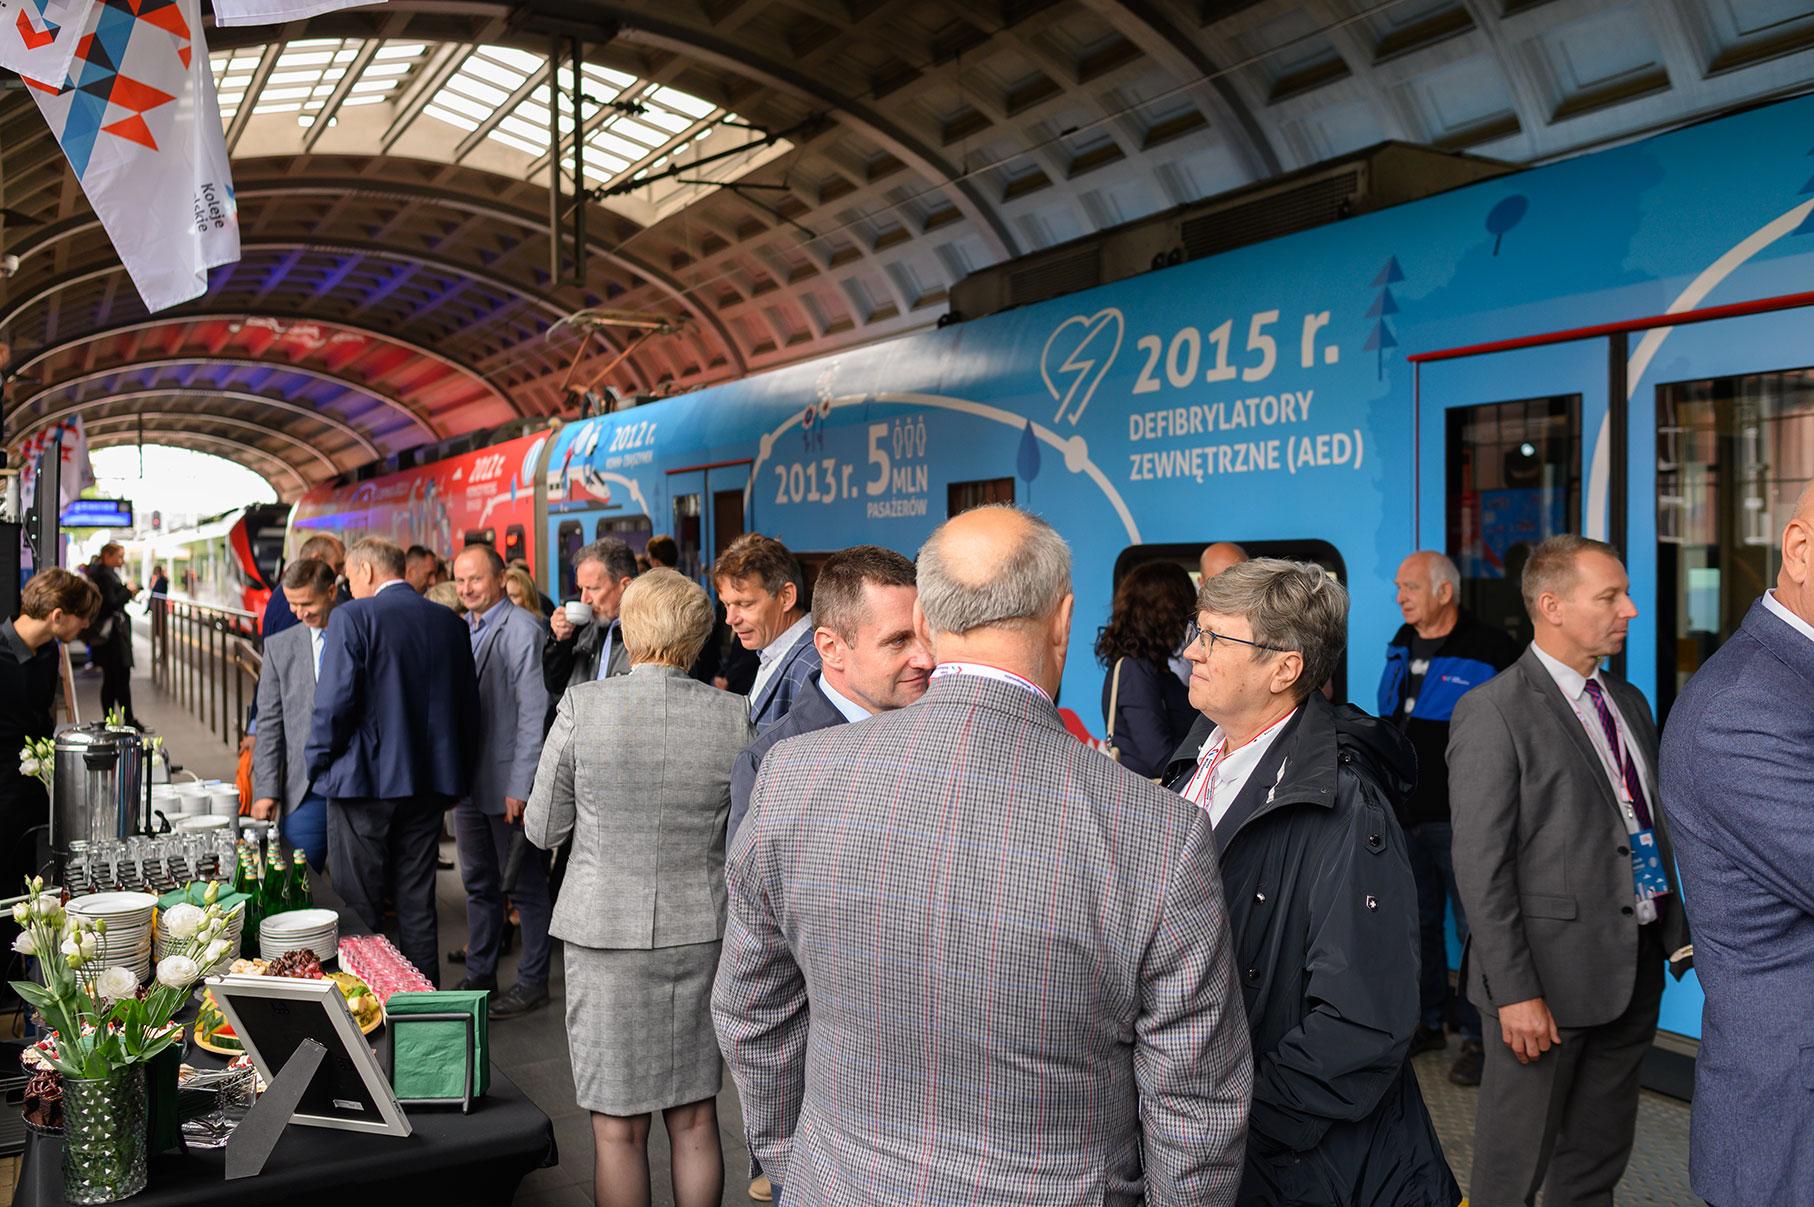 Goście uroczystości przed pociągiem